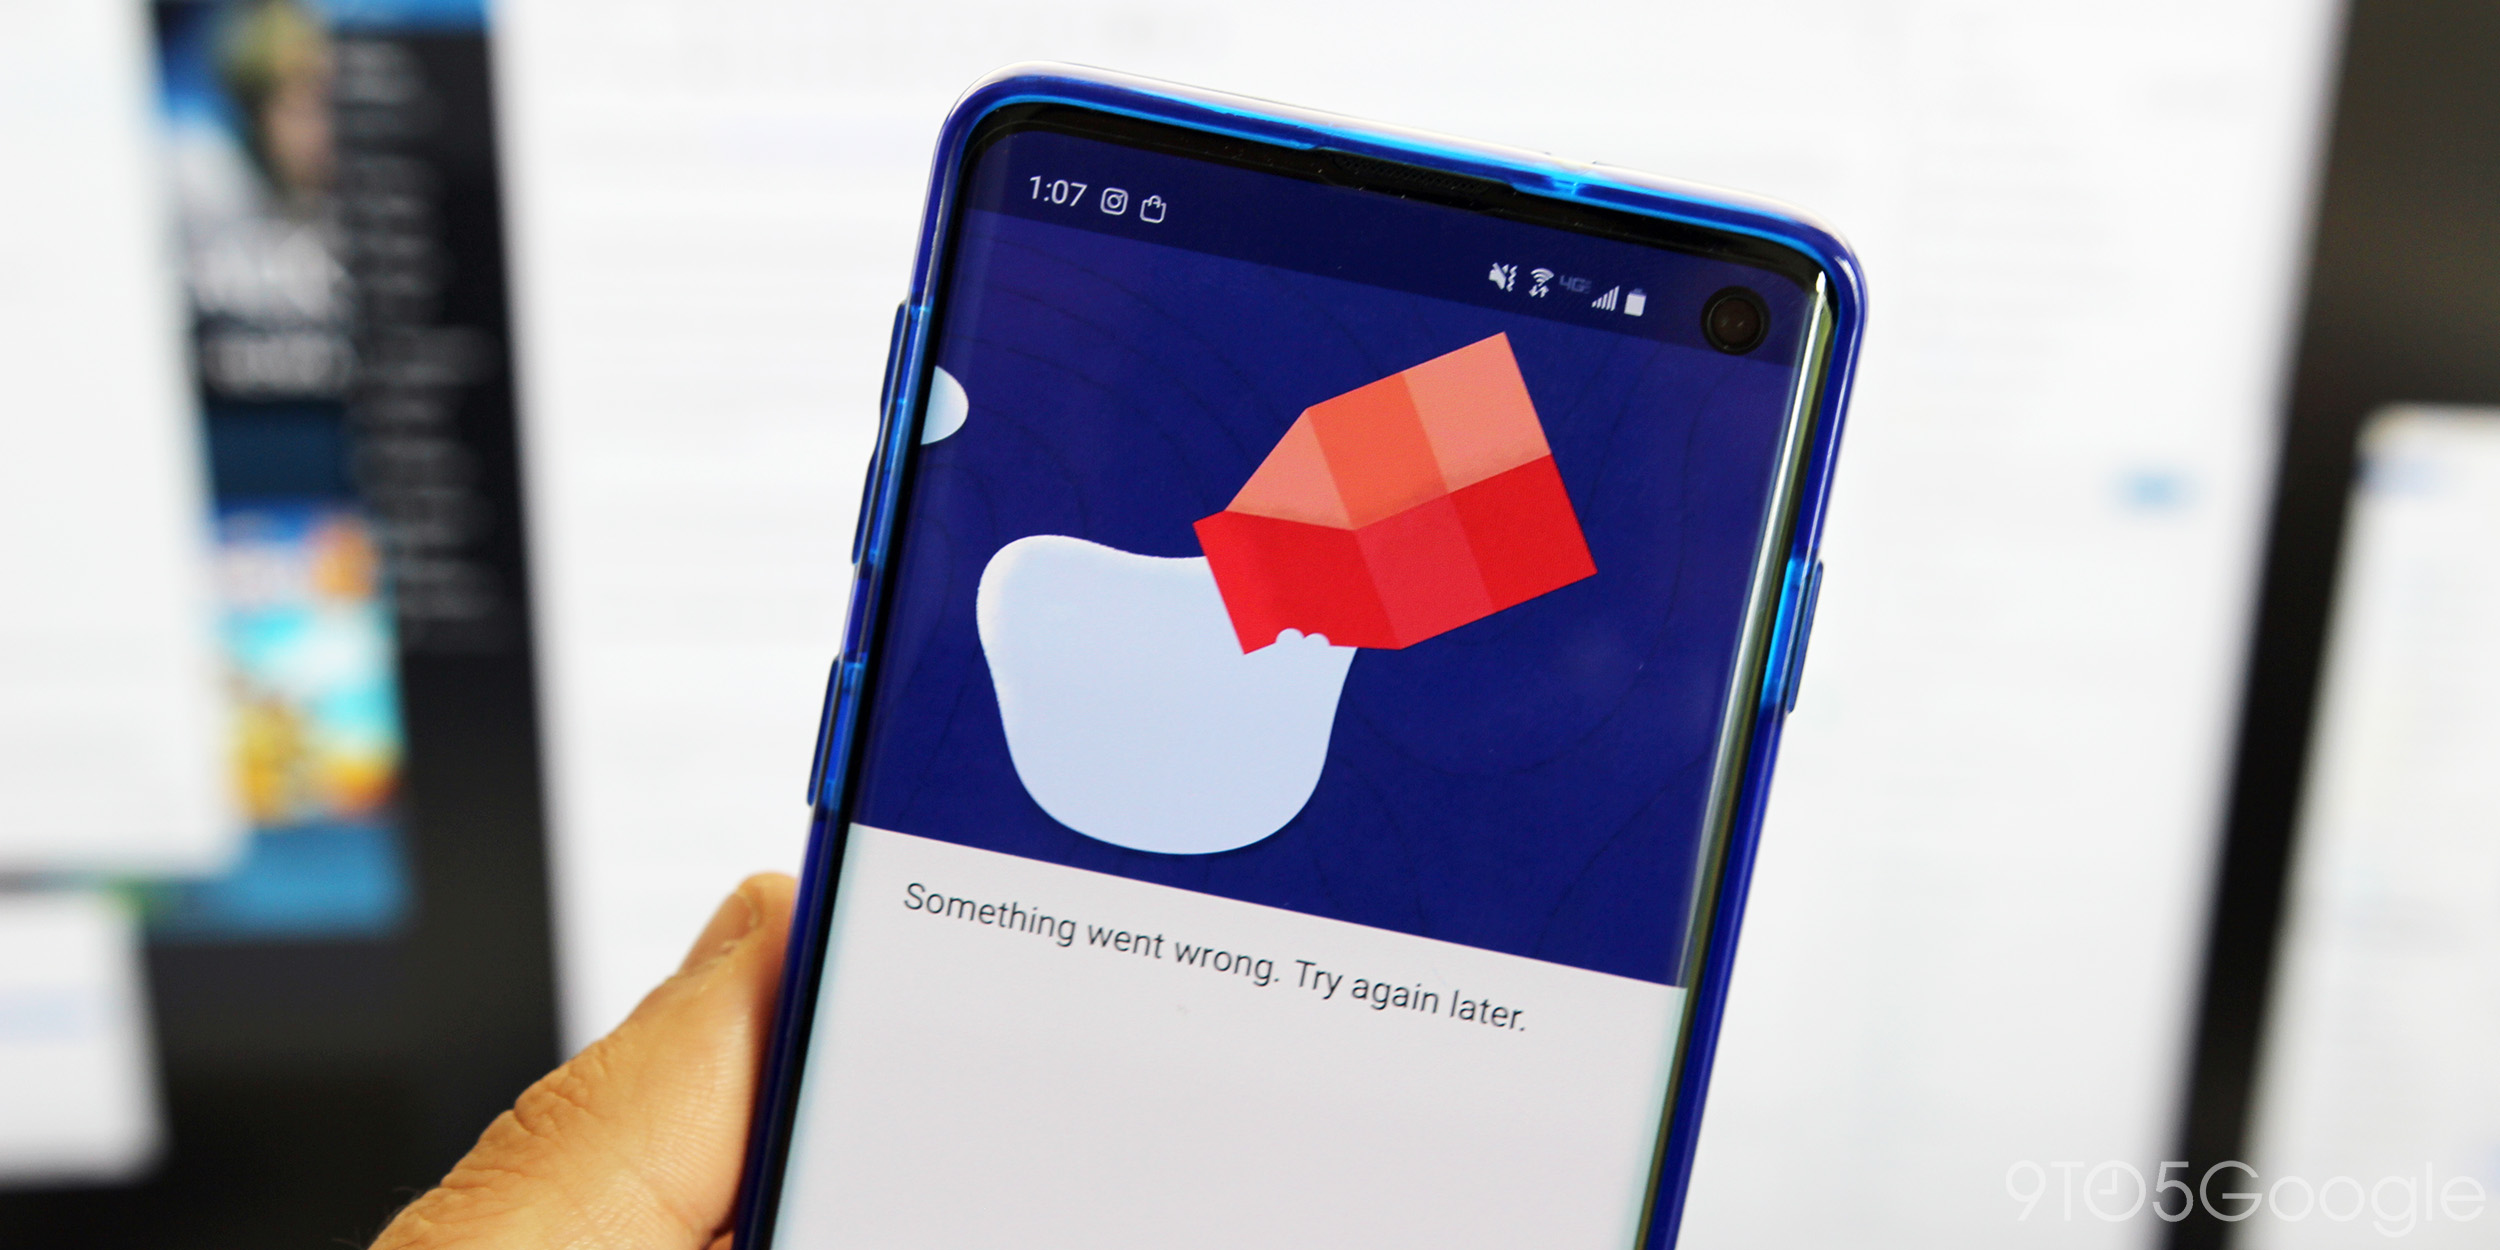 inbox app error message